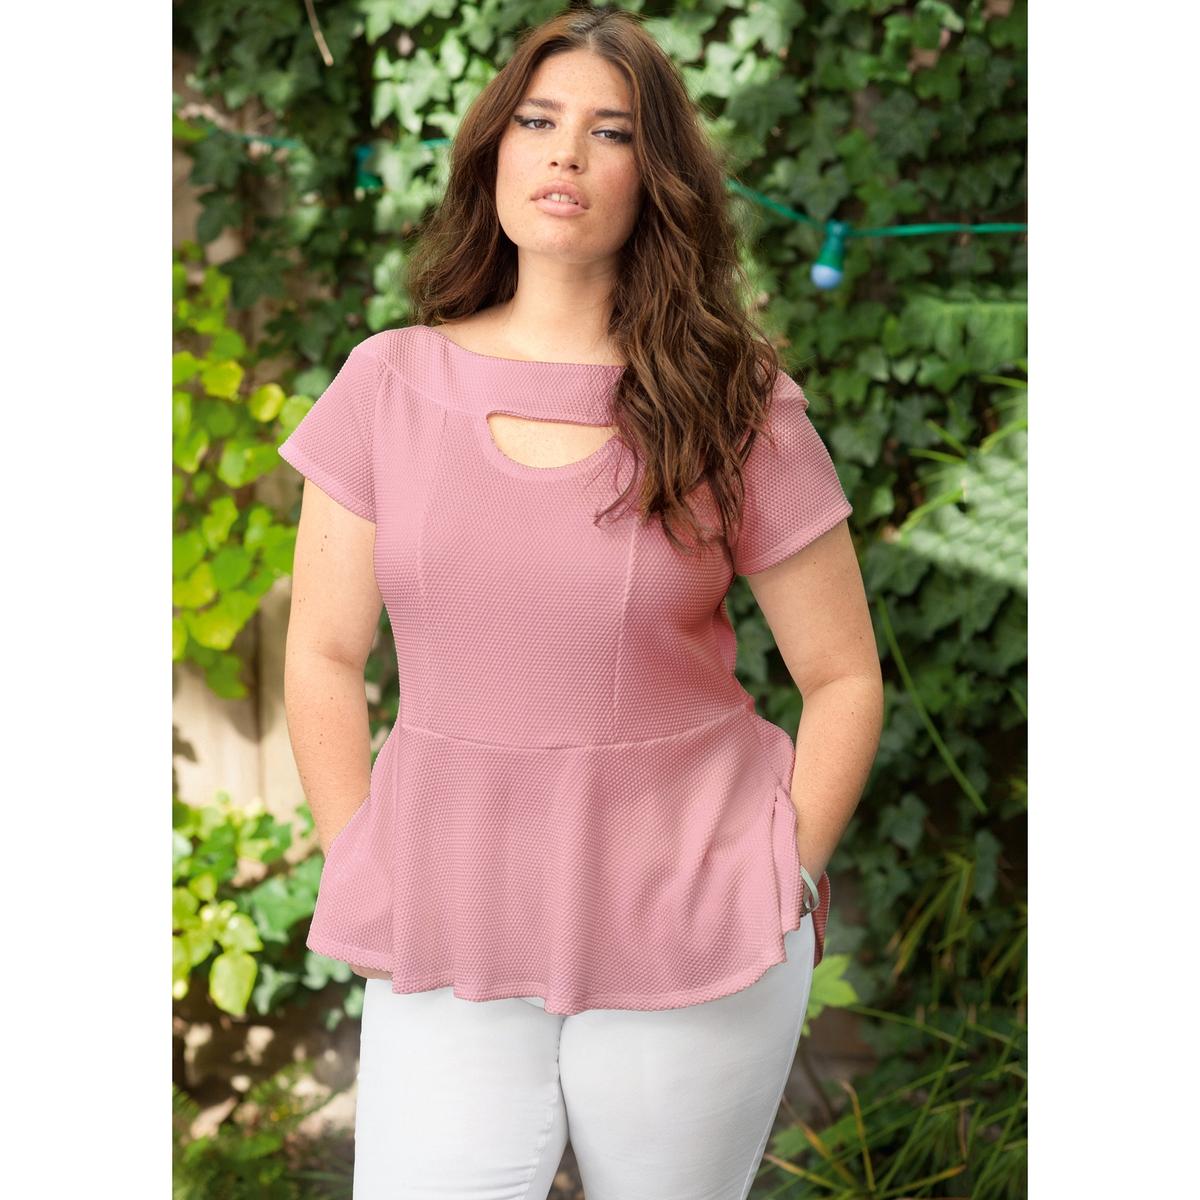 Футболка с баскойФутболка . Открытые плечи и баска придают этому топу женственности! Короткие рукава. Из рельефного трикотажа, 60% полиэстера, 37% хлопка, 3% эластана. Длина ок.66 см .<br><br>Цвет: розовый<br>Размер: 50/52 (FR) - 56/58 (RUS).54/56 (FR) - 60/62 (RUS)